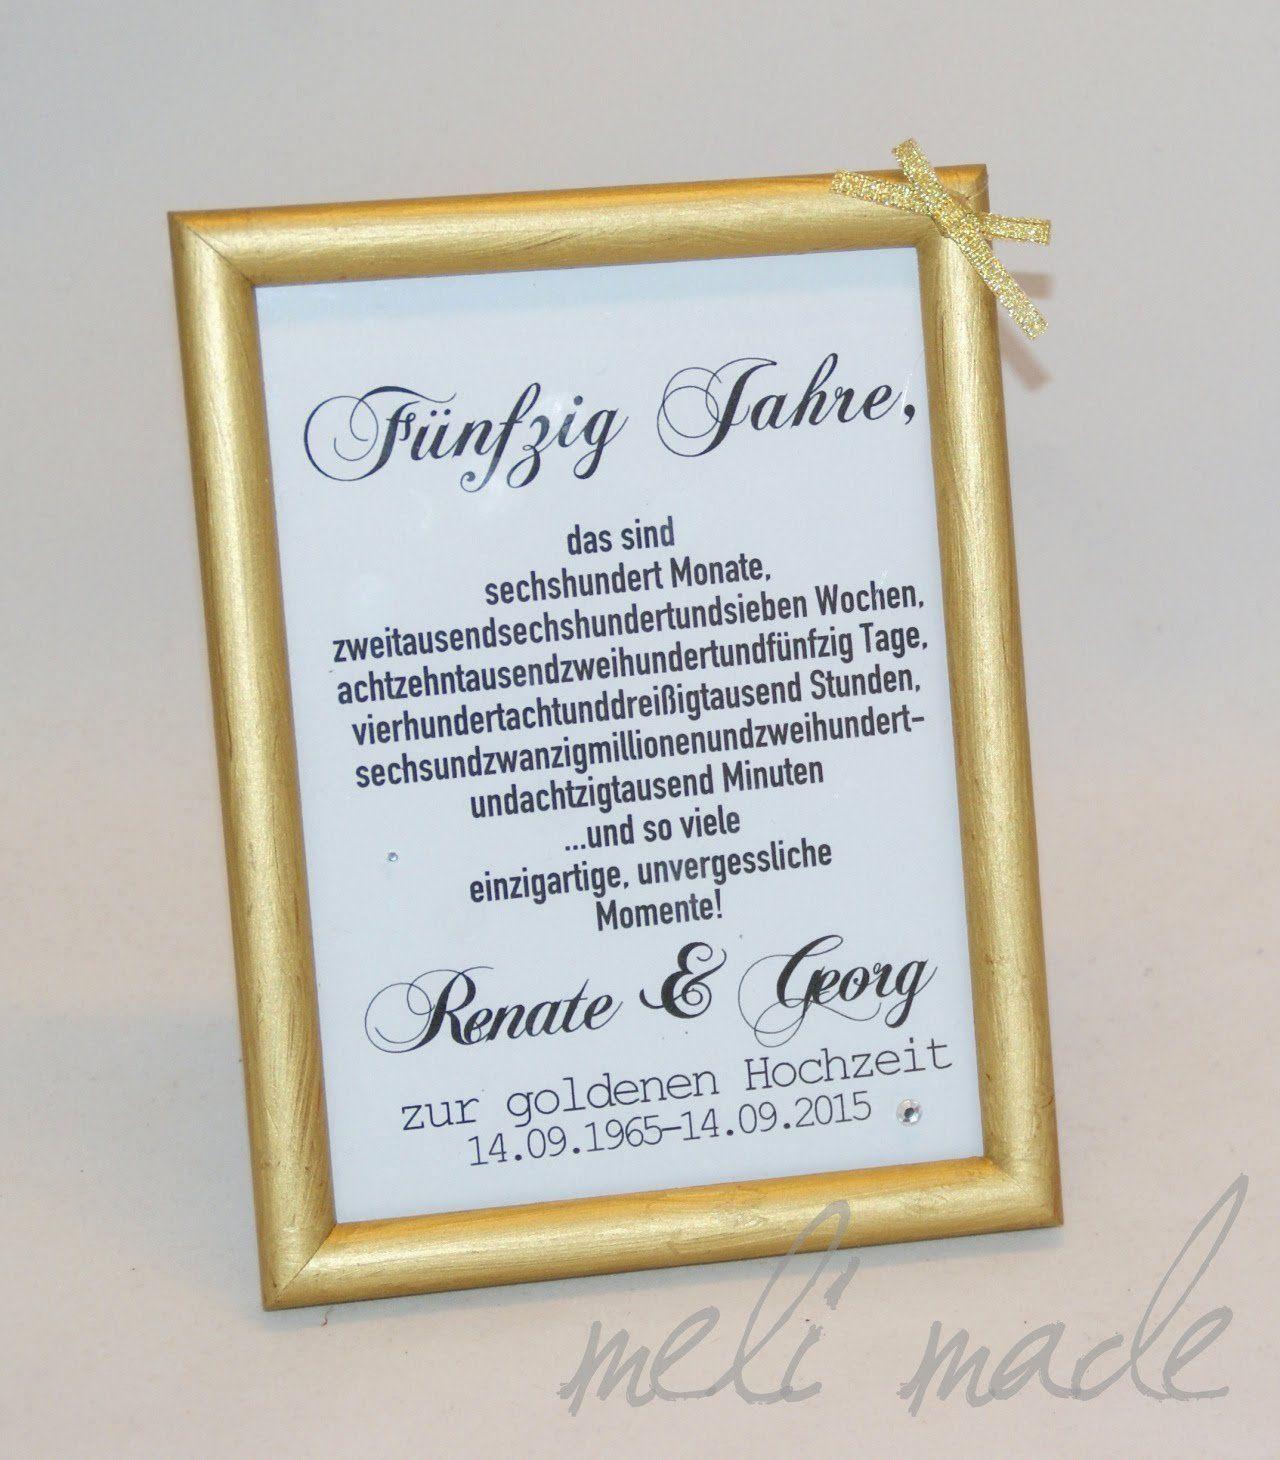 Zur Goldenen Hochzeit Geschenke Zur Goldenen Hochzeit Goldene Hochzeit Geldgeschenk Goldene Hochzeit